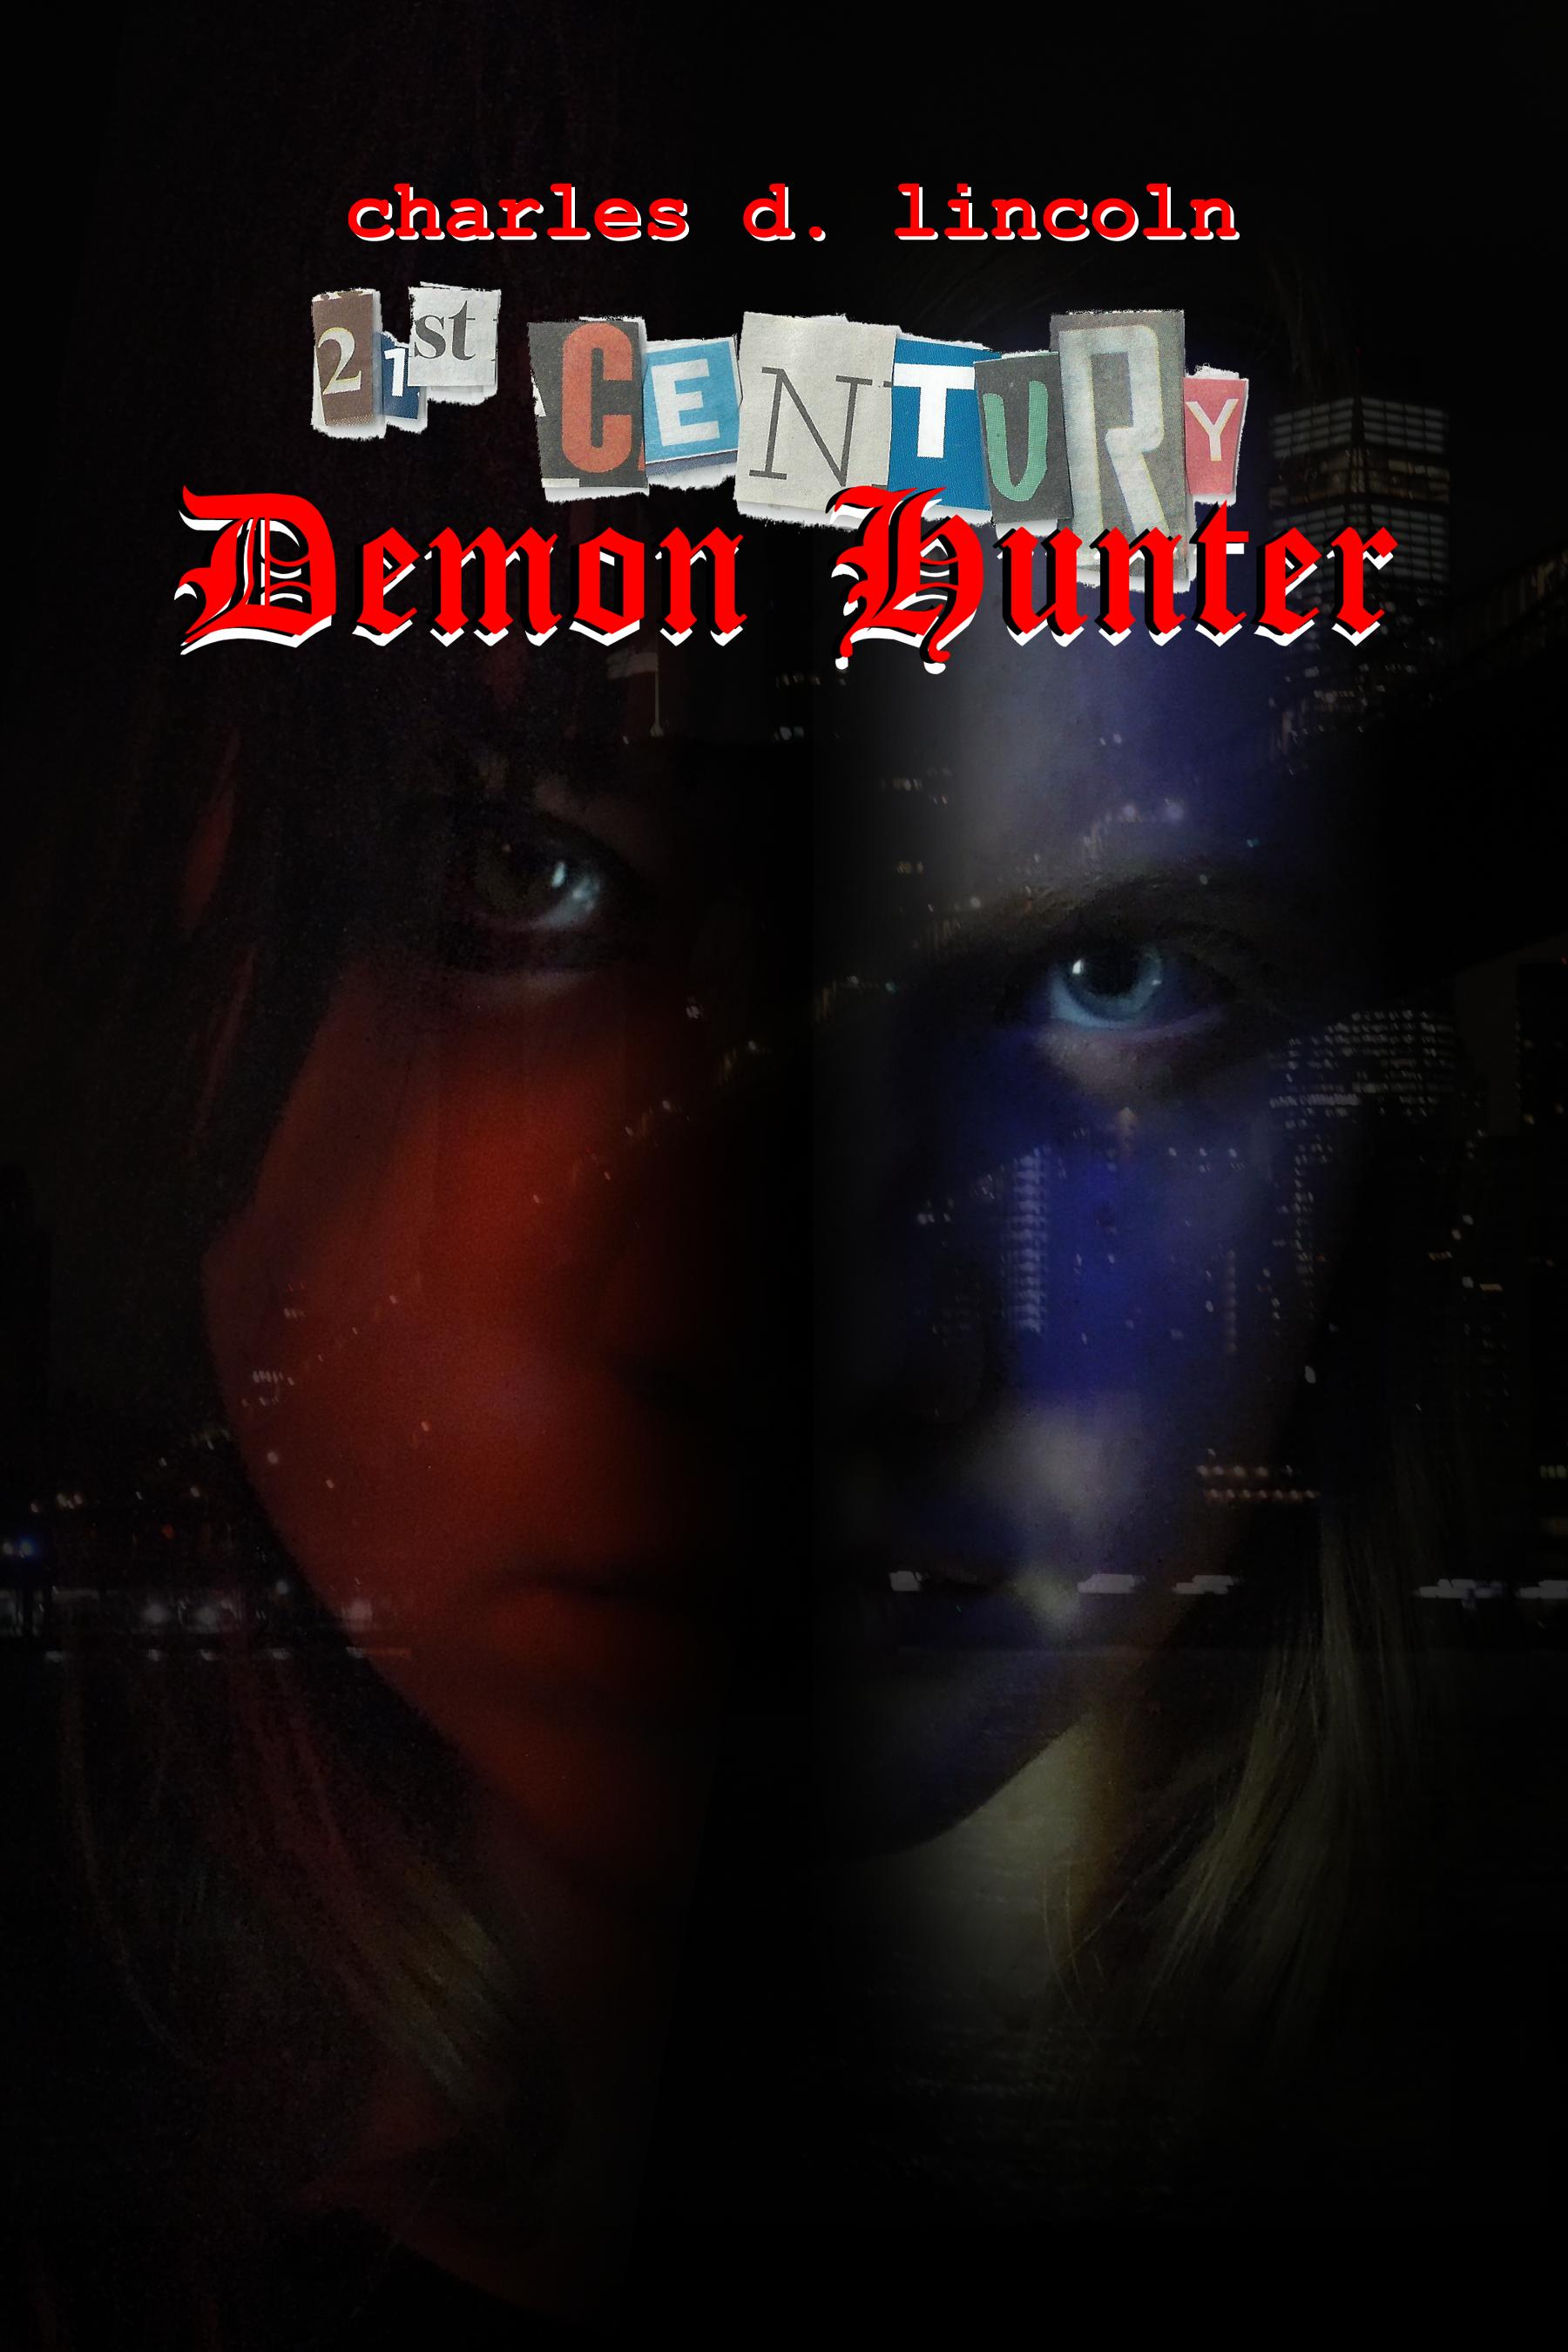 PUBLISHED BY BURNING BULB PUBLISHLING - -  https://www.burningbulbpublishing.com/product-page/21st-century-demon-hunter-paperback